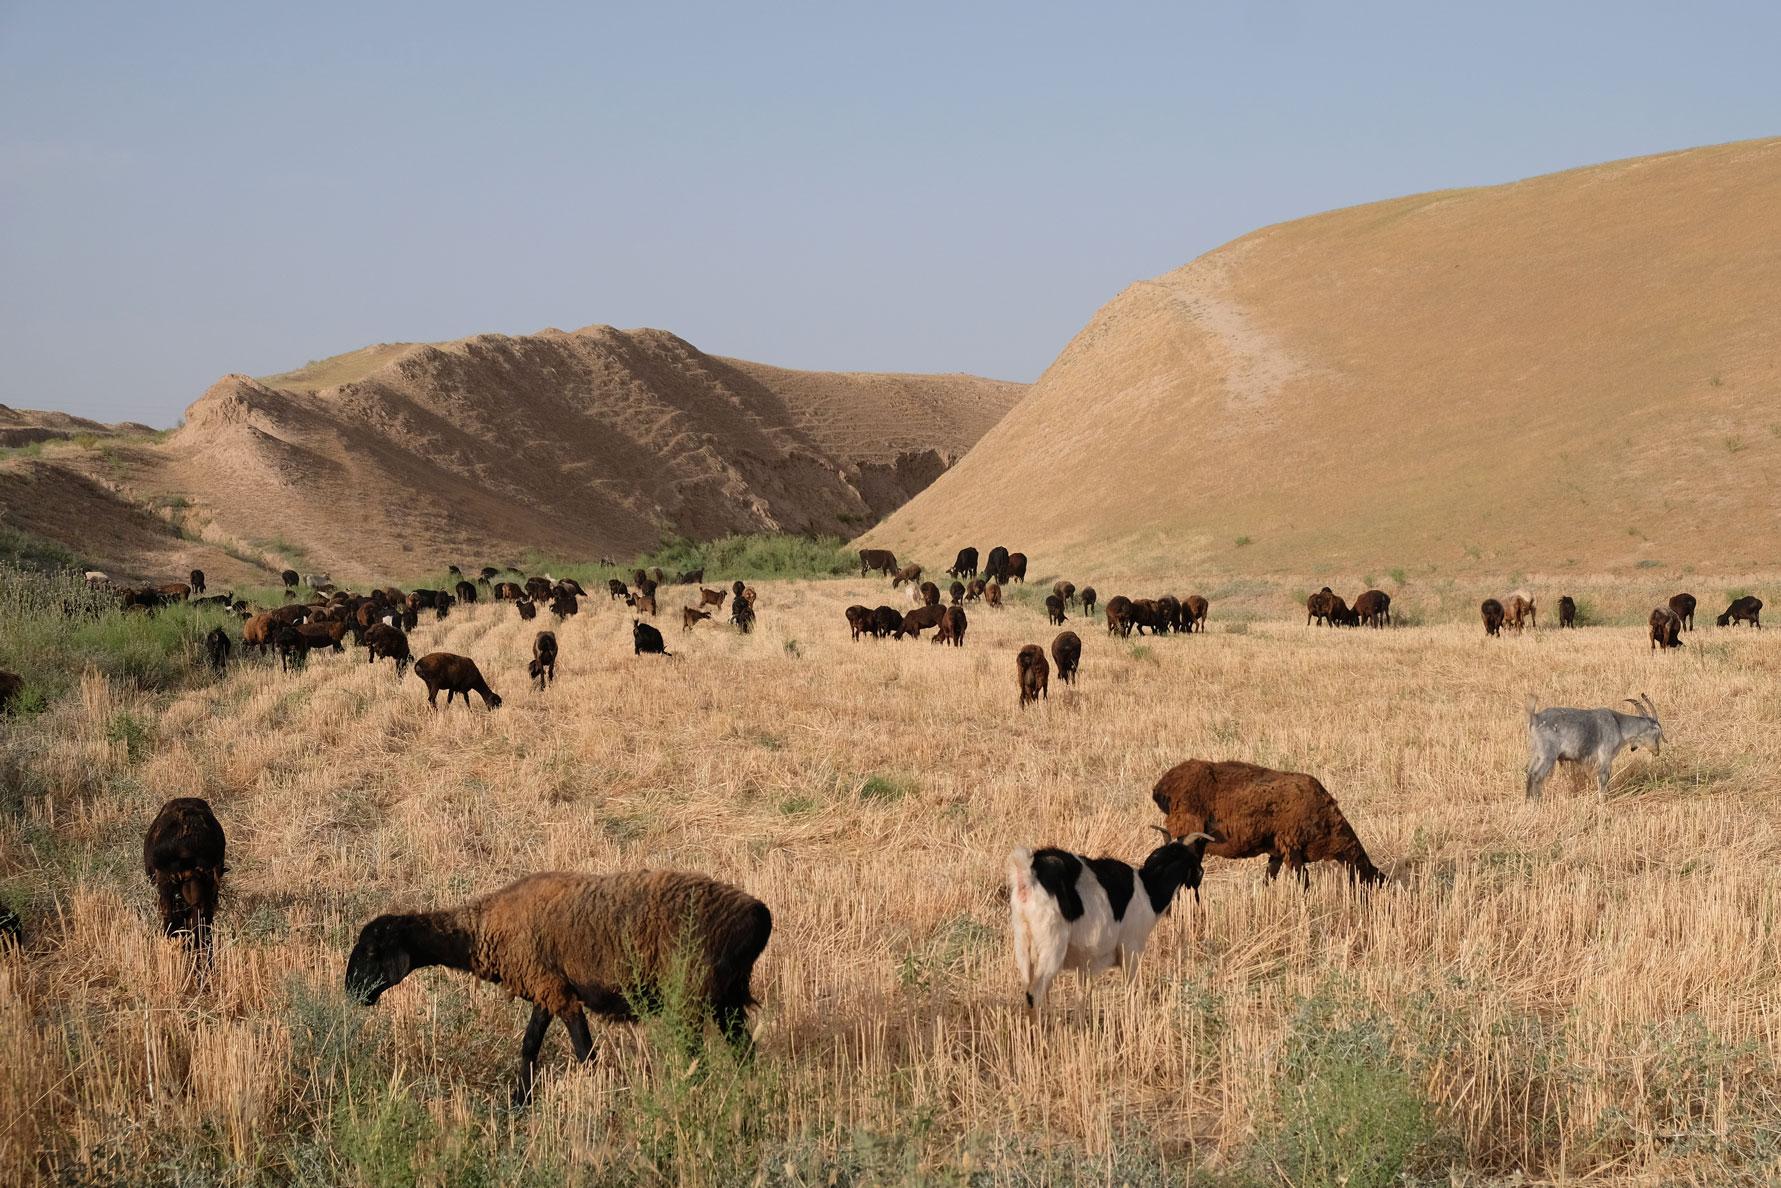 Schafe grasen auf einem abgeernteten Feld